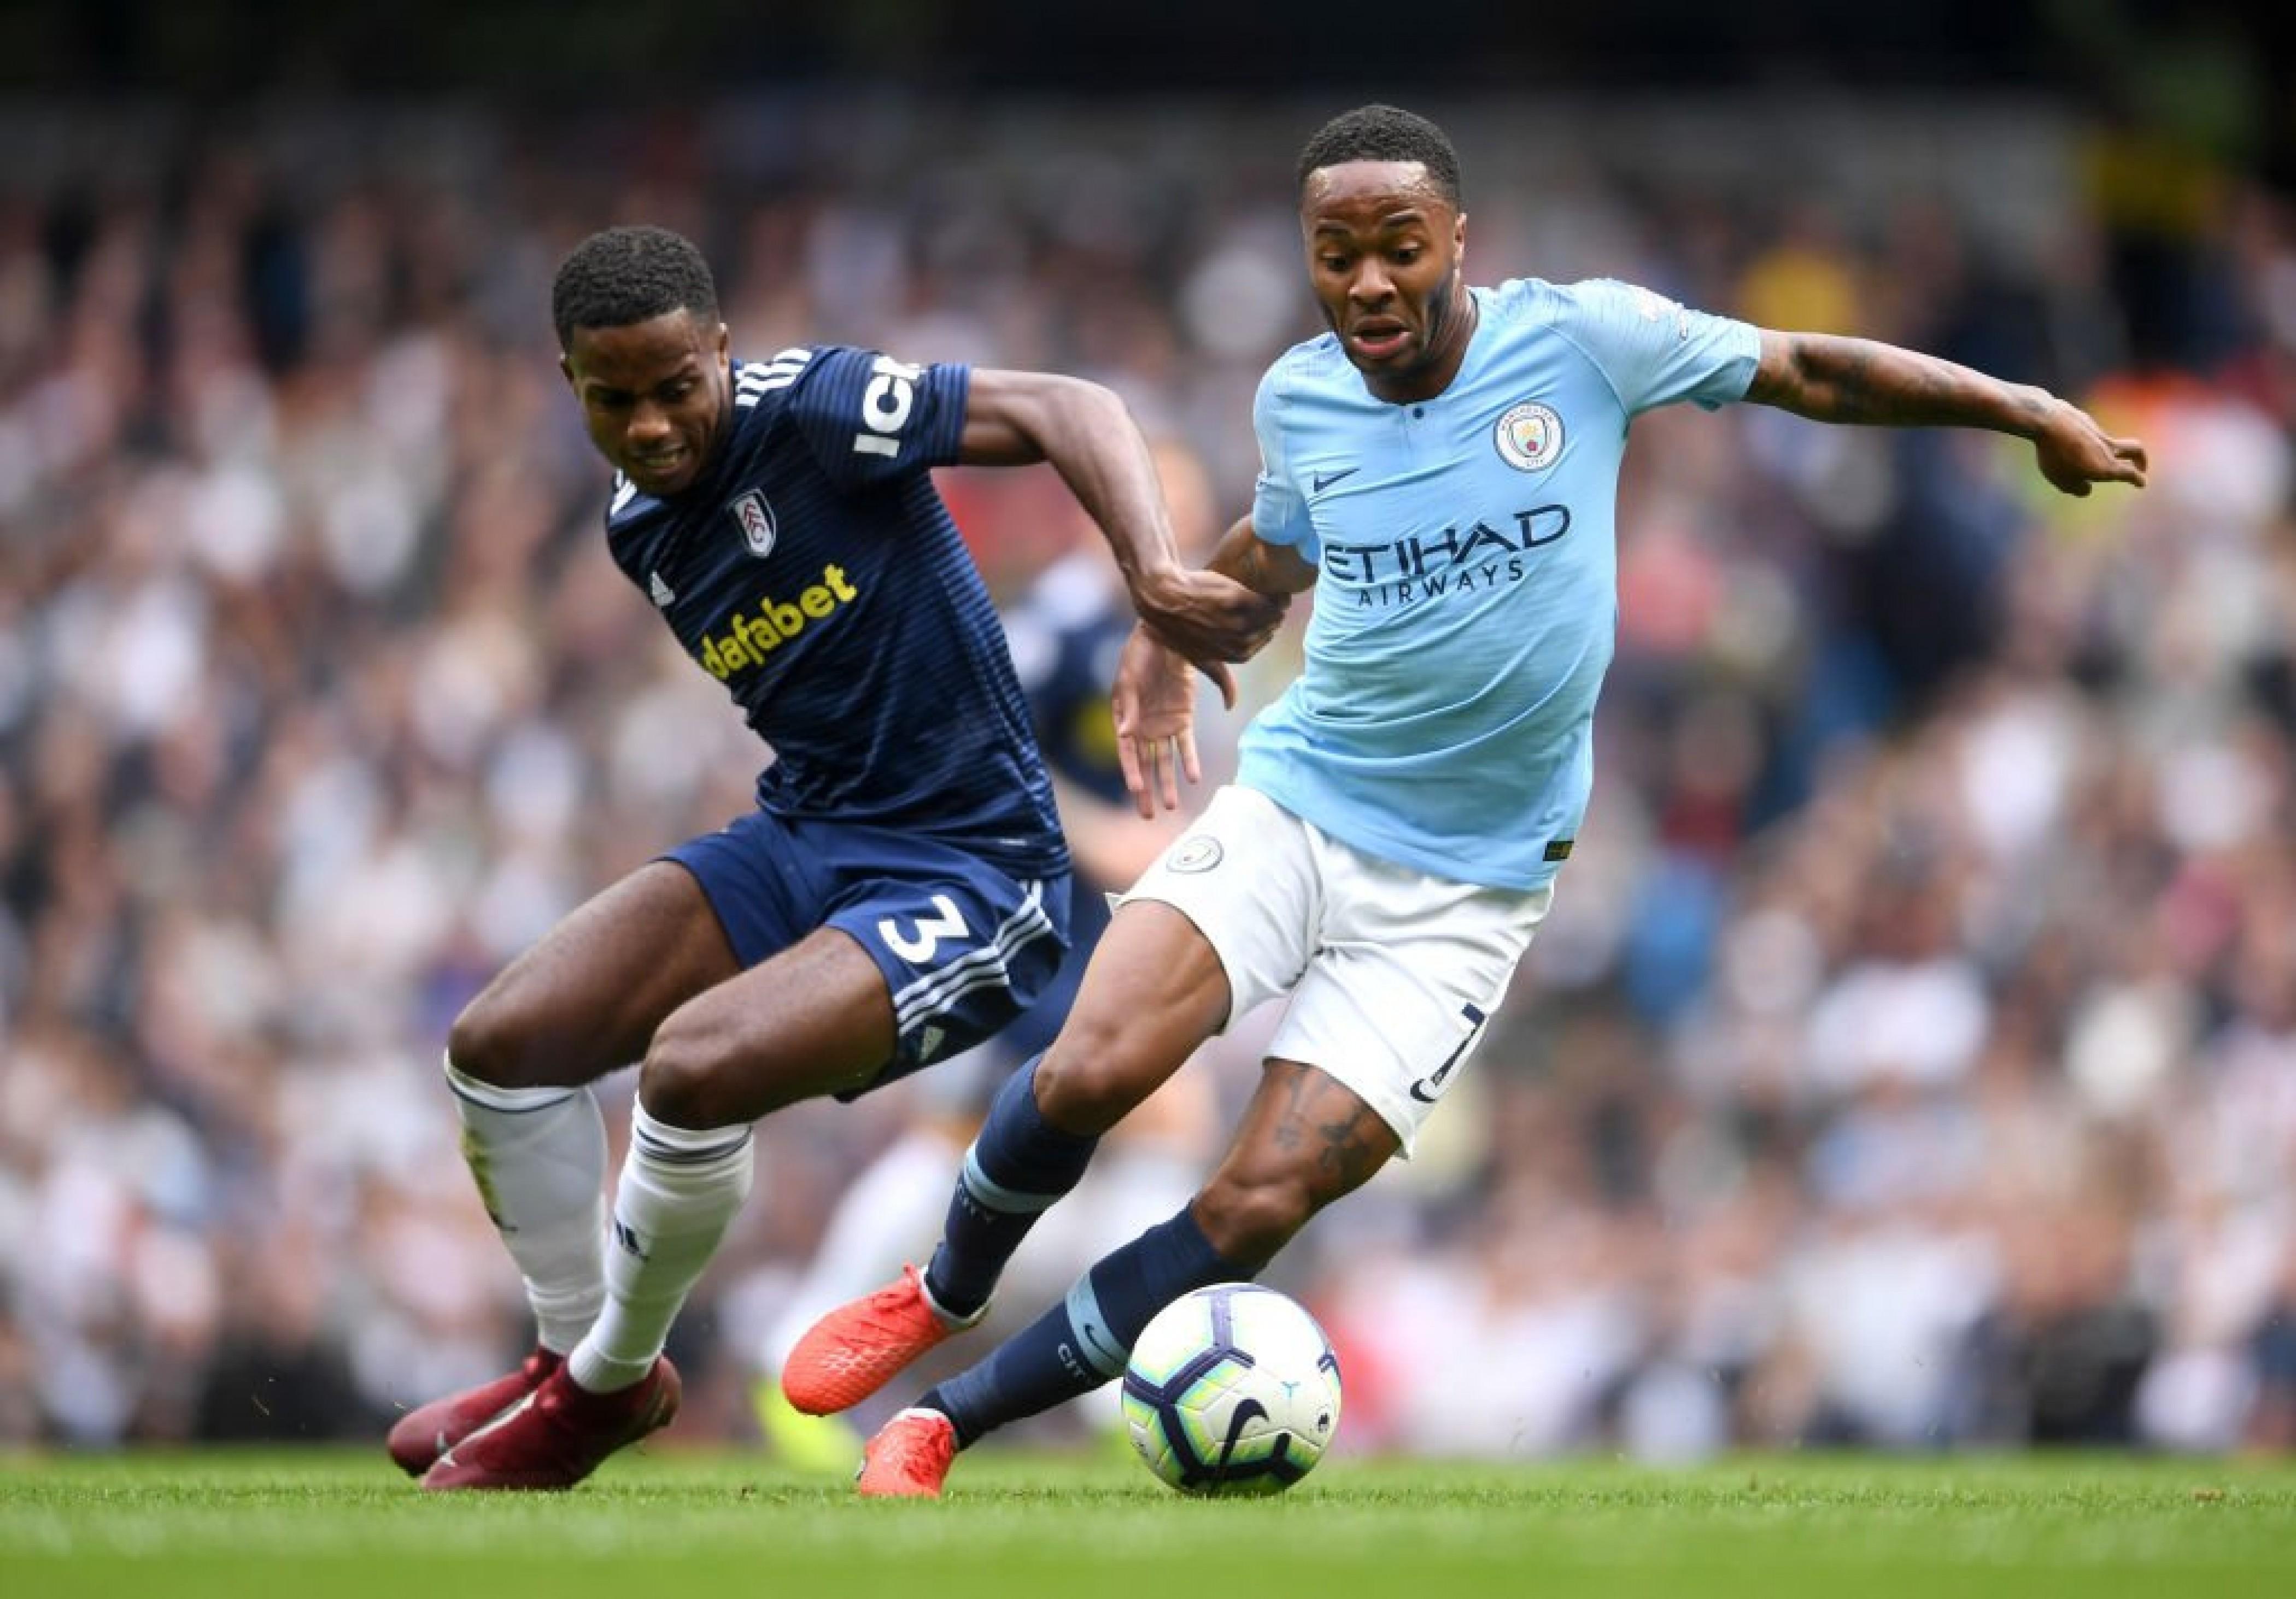 Il Manchester City cala il tris: Fulham battuto 3-0 grazie a Sané, David Silva e Sterling